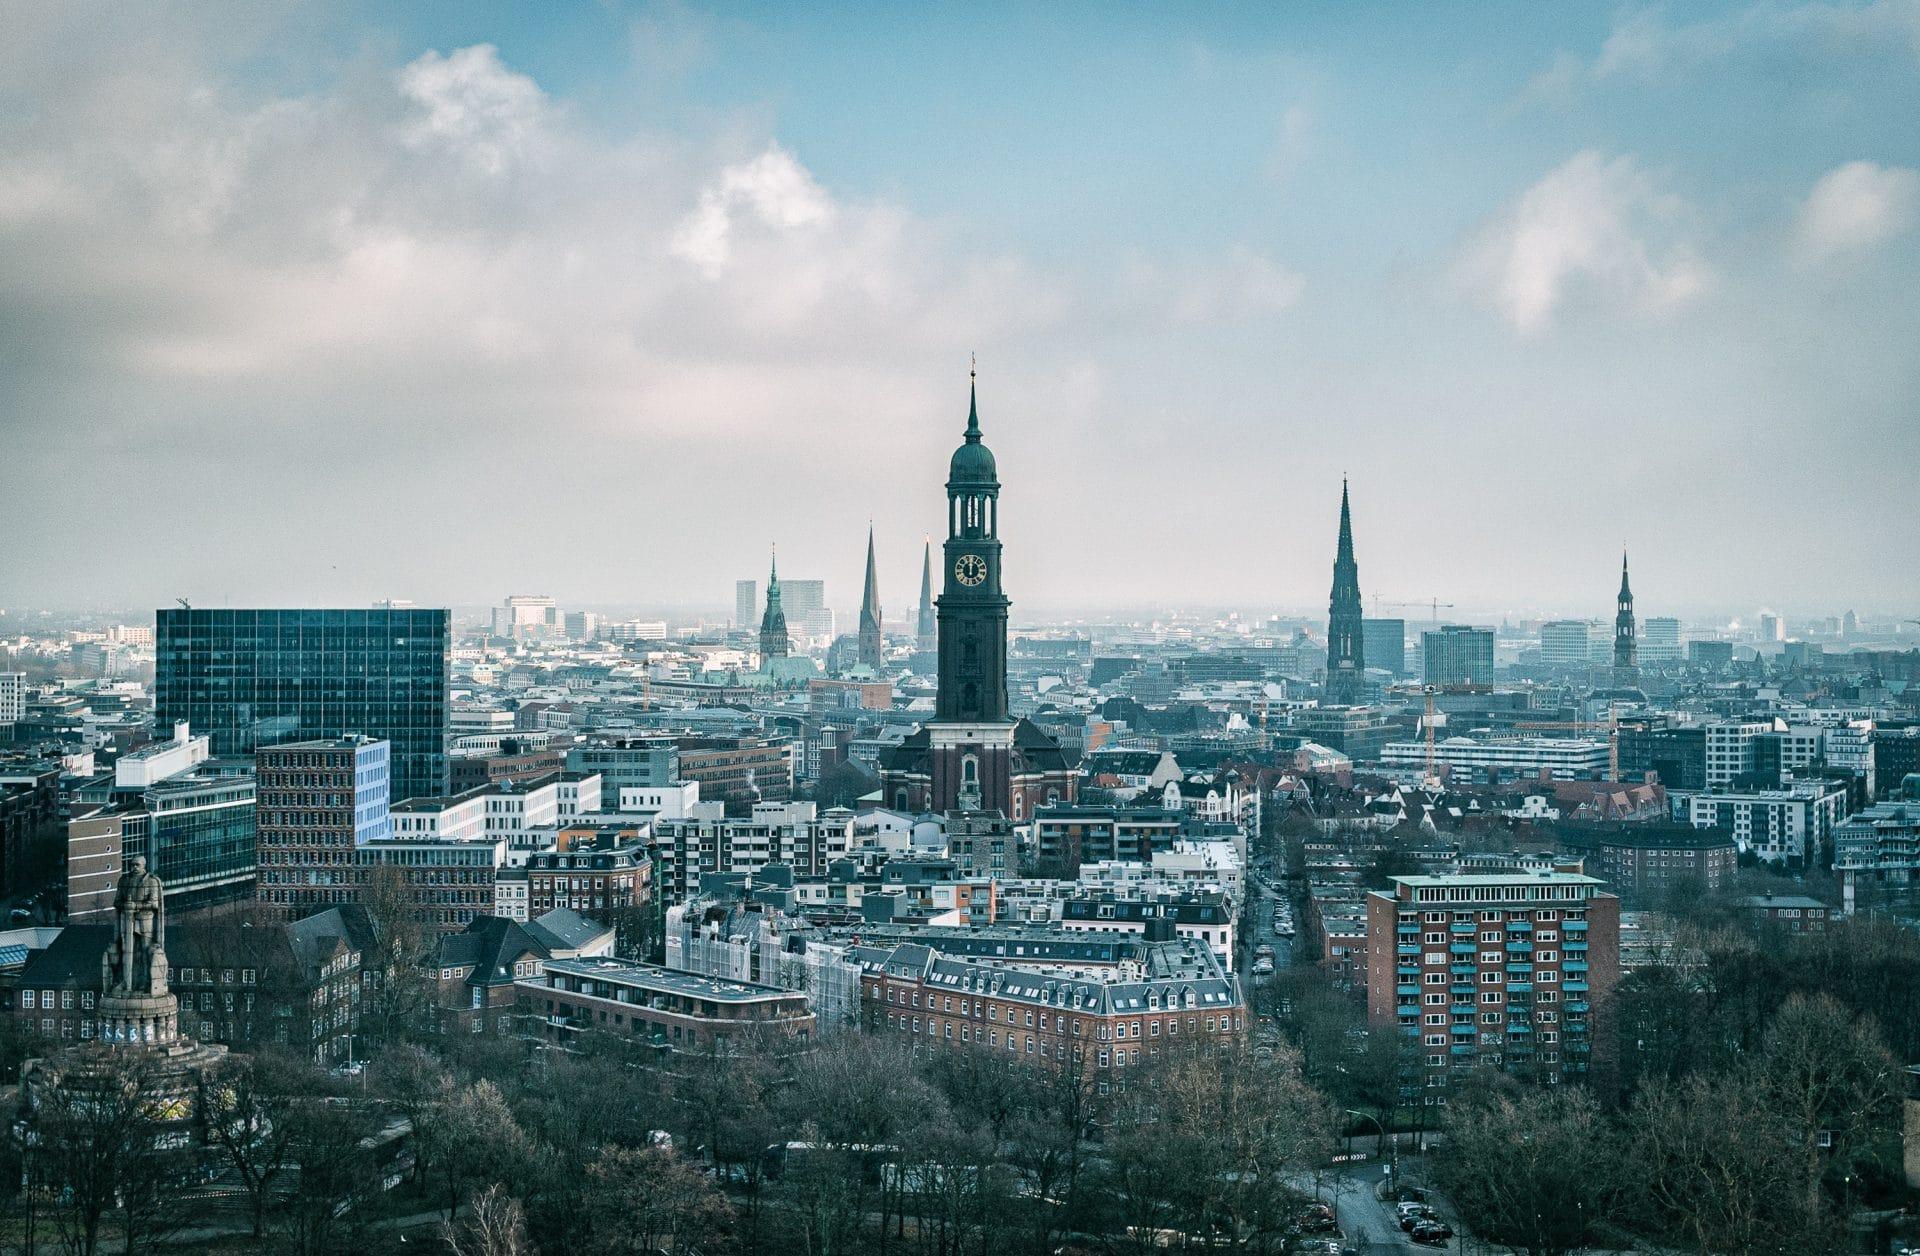 Michel und City